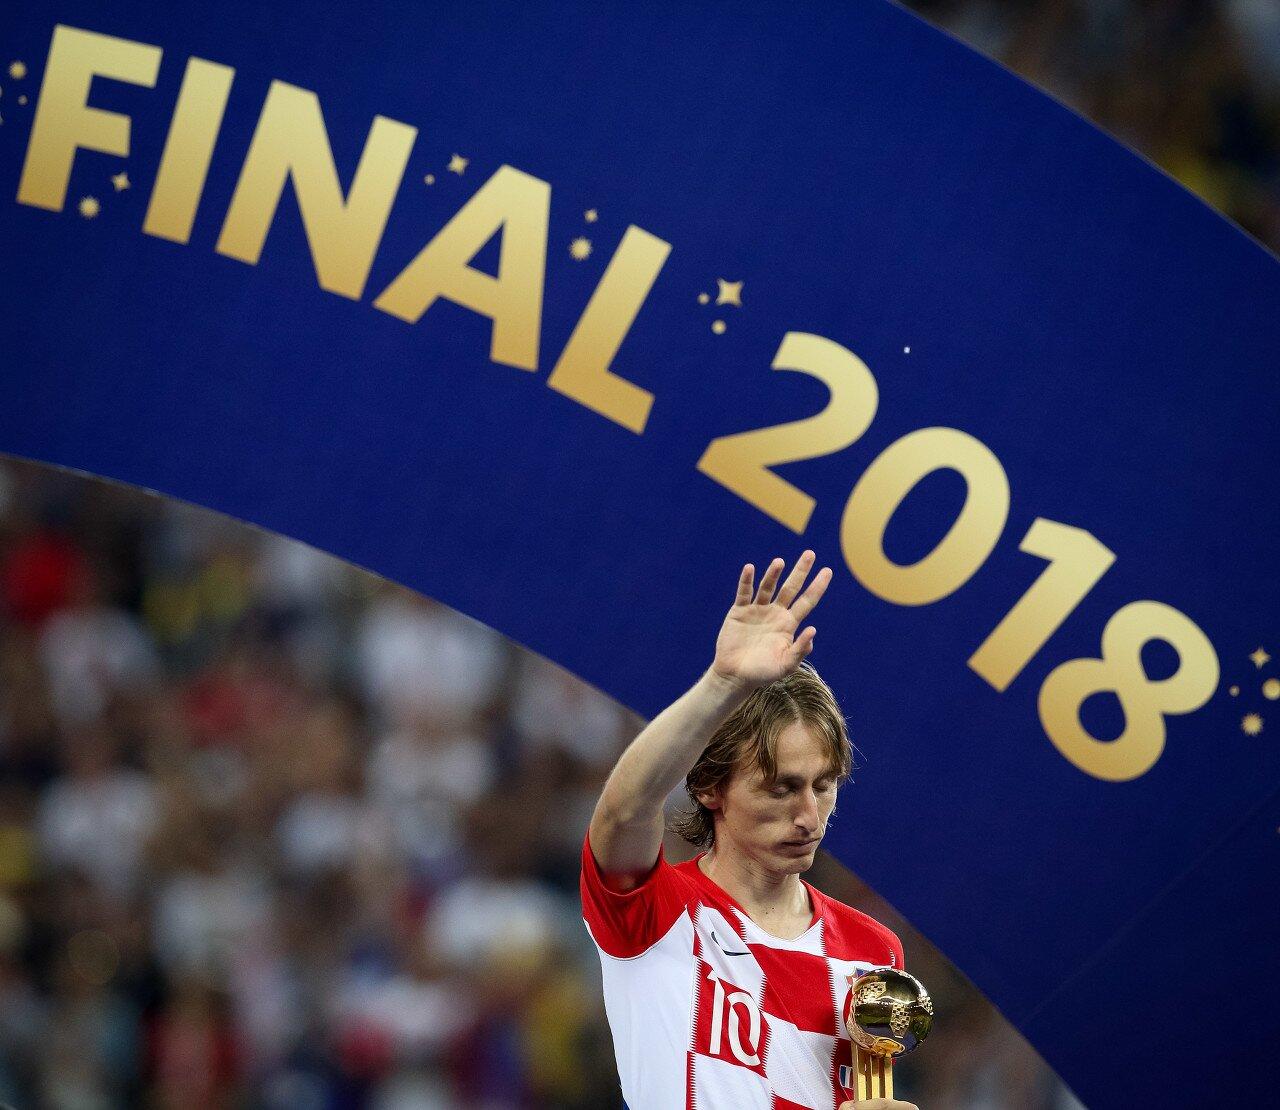   明夏欧洲杯时,莫德里奇仍然会是克罗地亚国家队首领